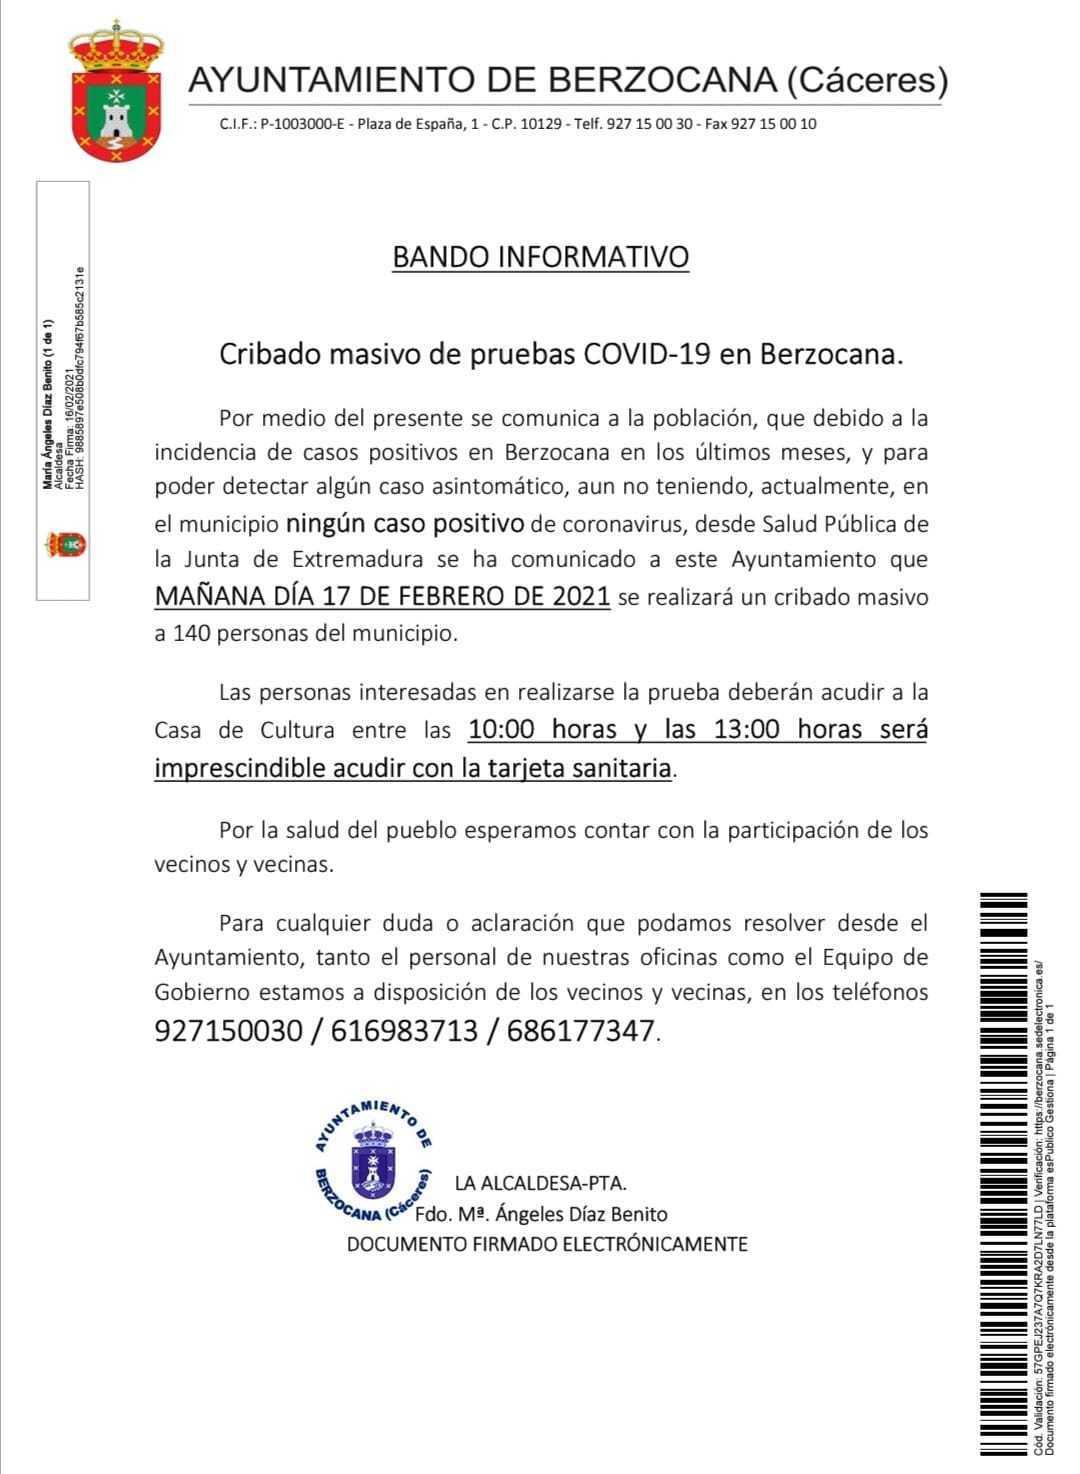 Cribado masivo de COVID-19 (febrero 2021) - Berzocana (Cáceres)